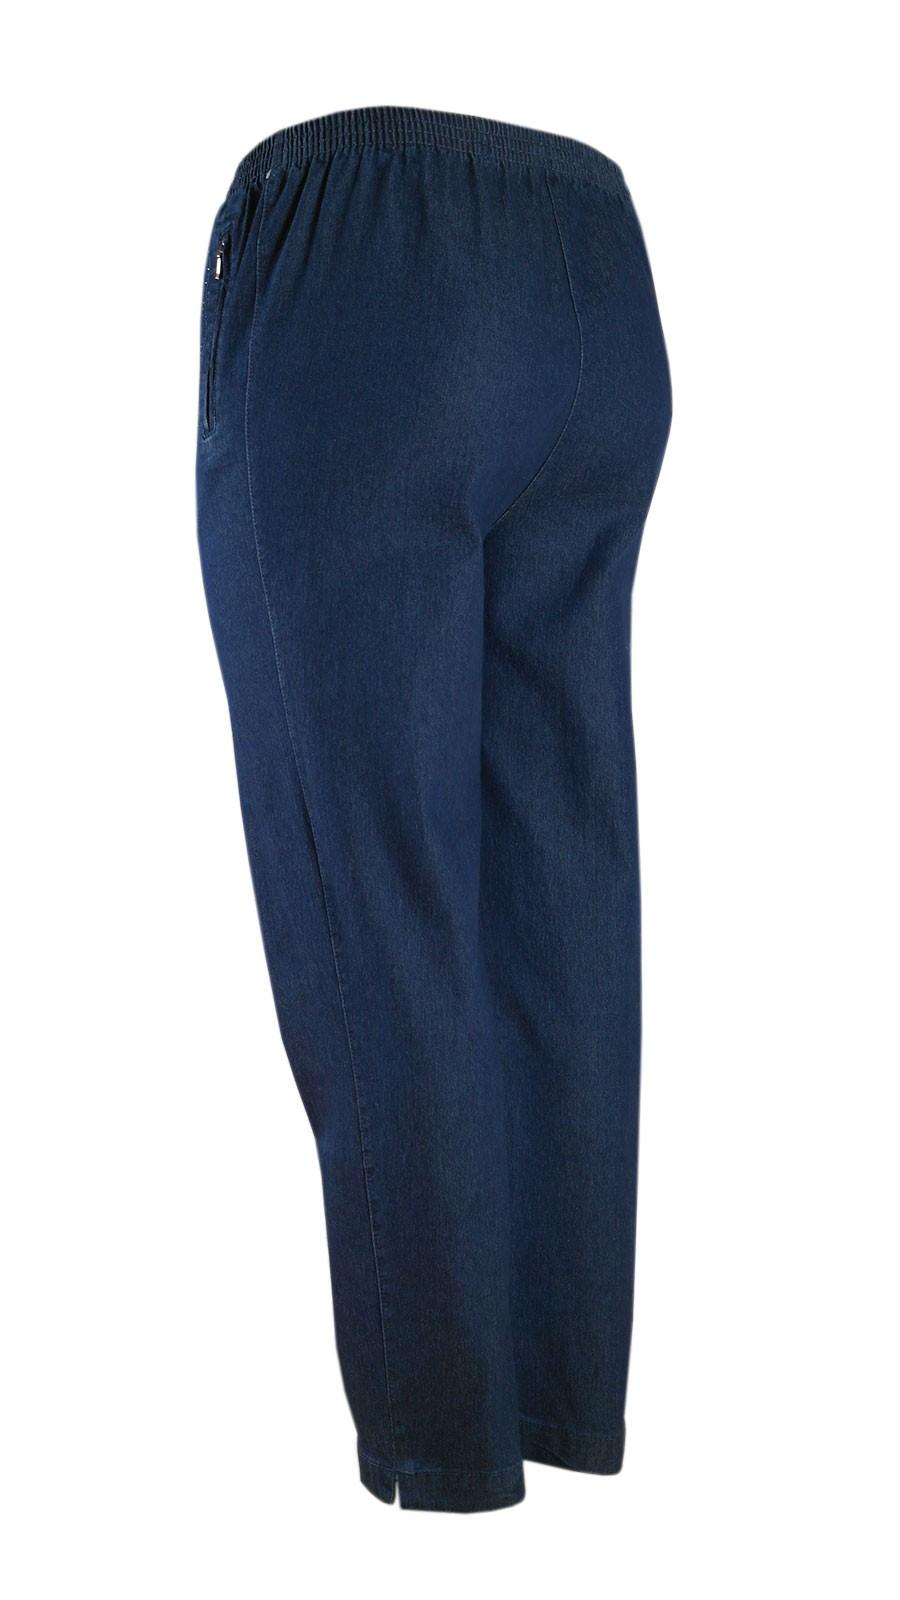 Damen Stretch Jeans Schlupfhose Schlupfjeans K-Größen - Herbst-Winter-Kollektion - blue